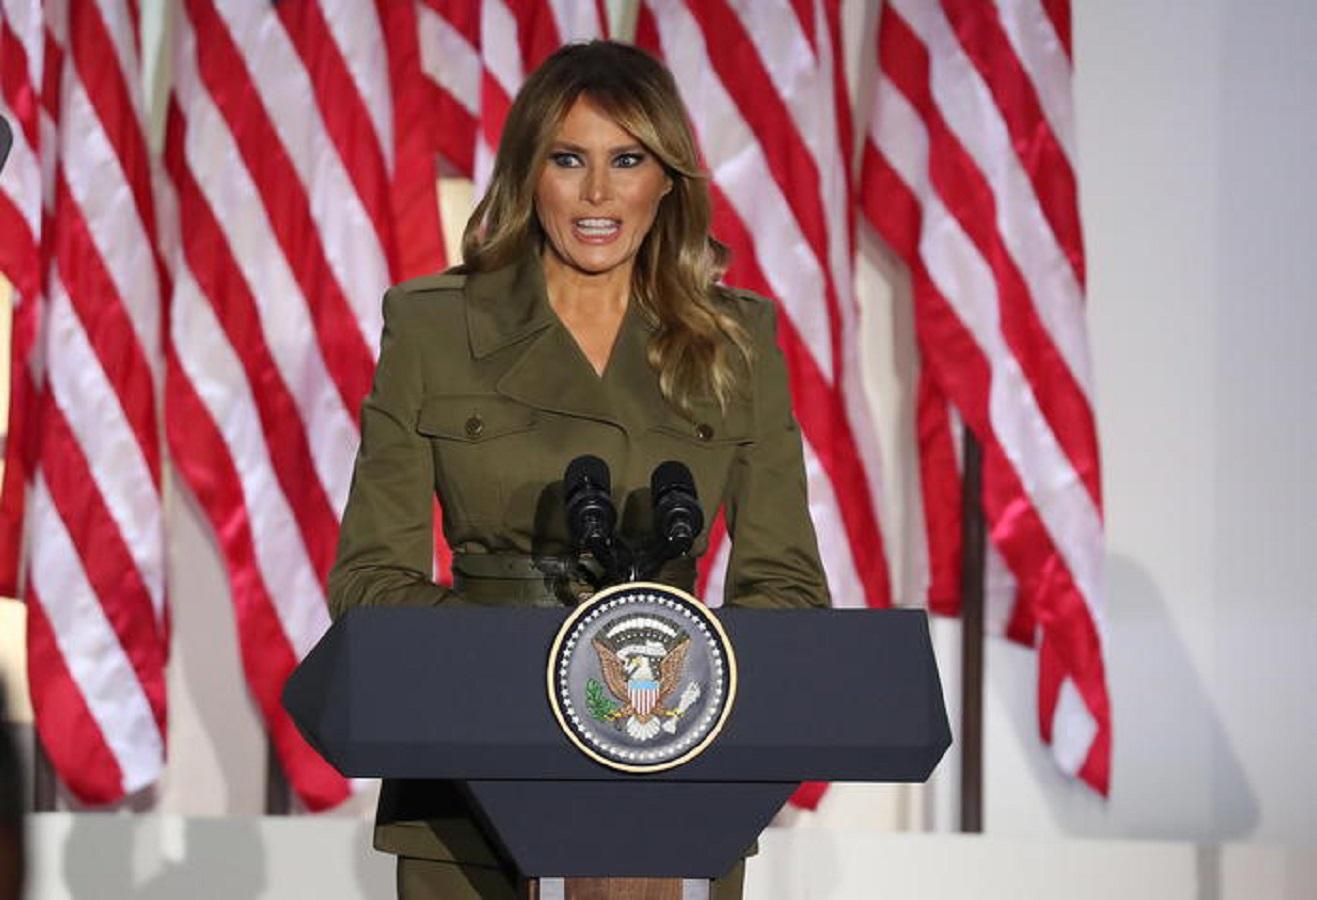 Melania Trump, il look militare non convince: sui social scatta l'ironia